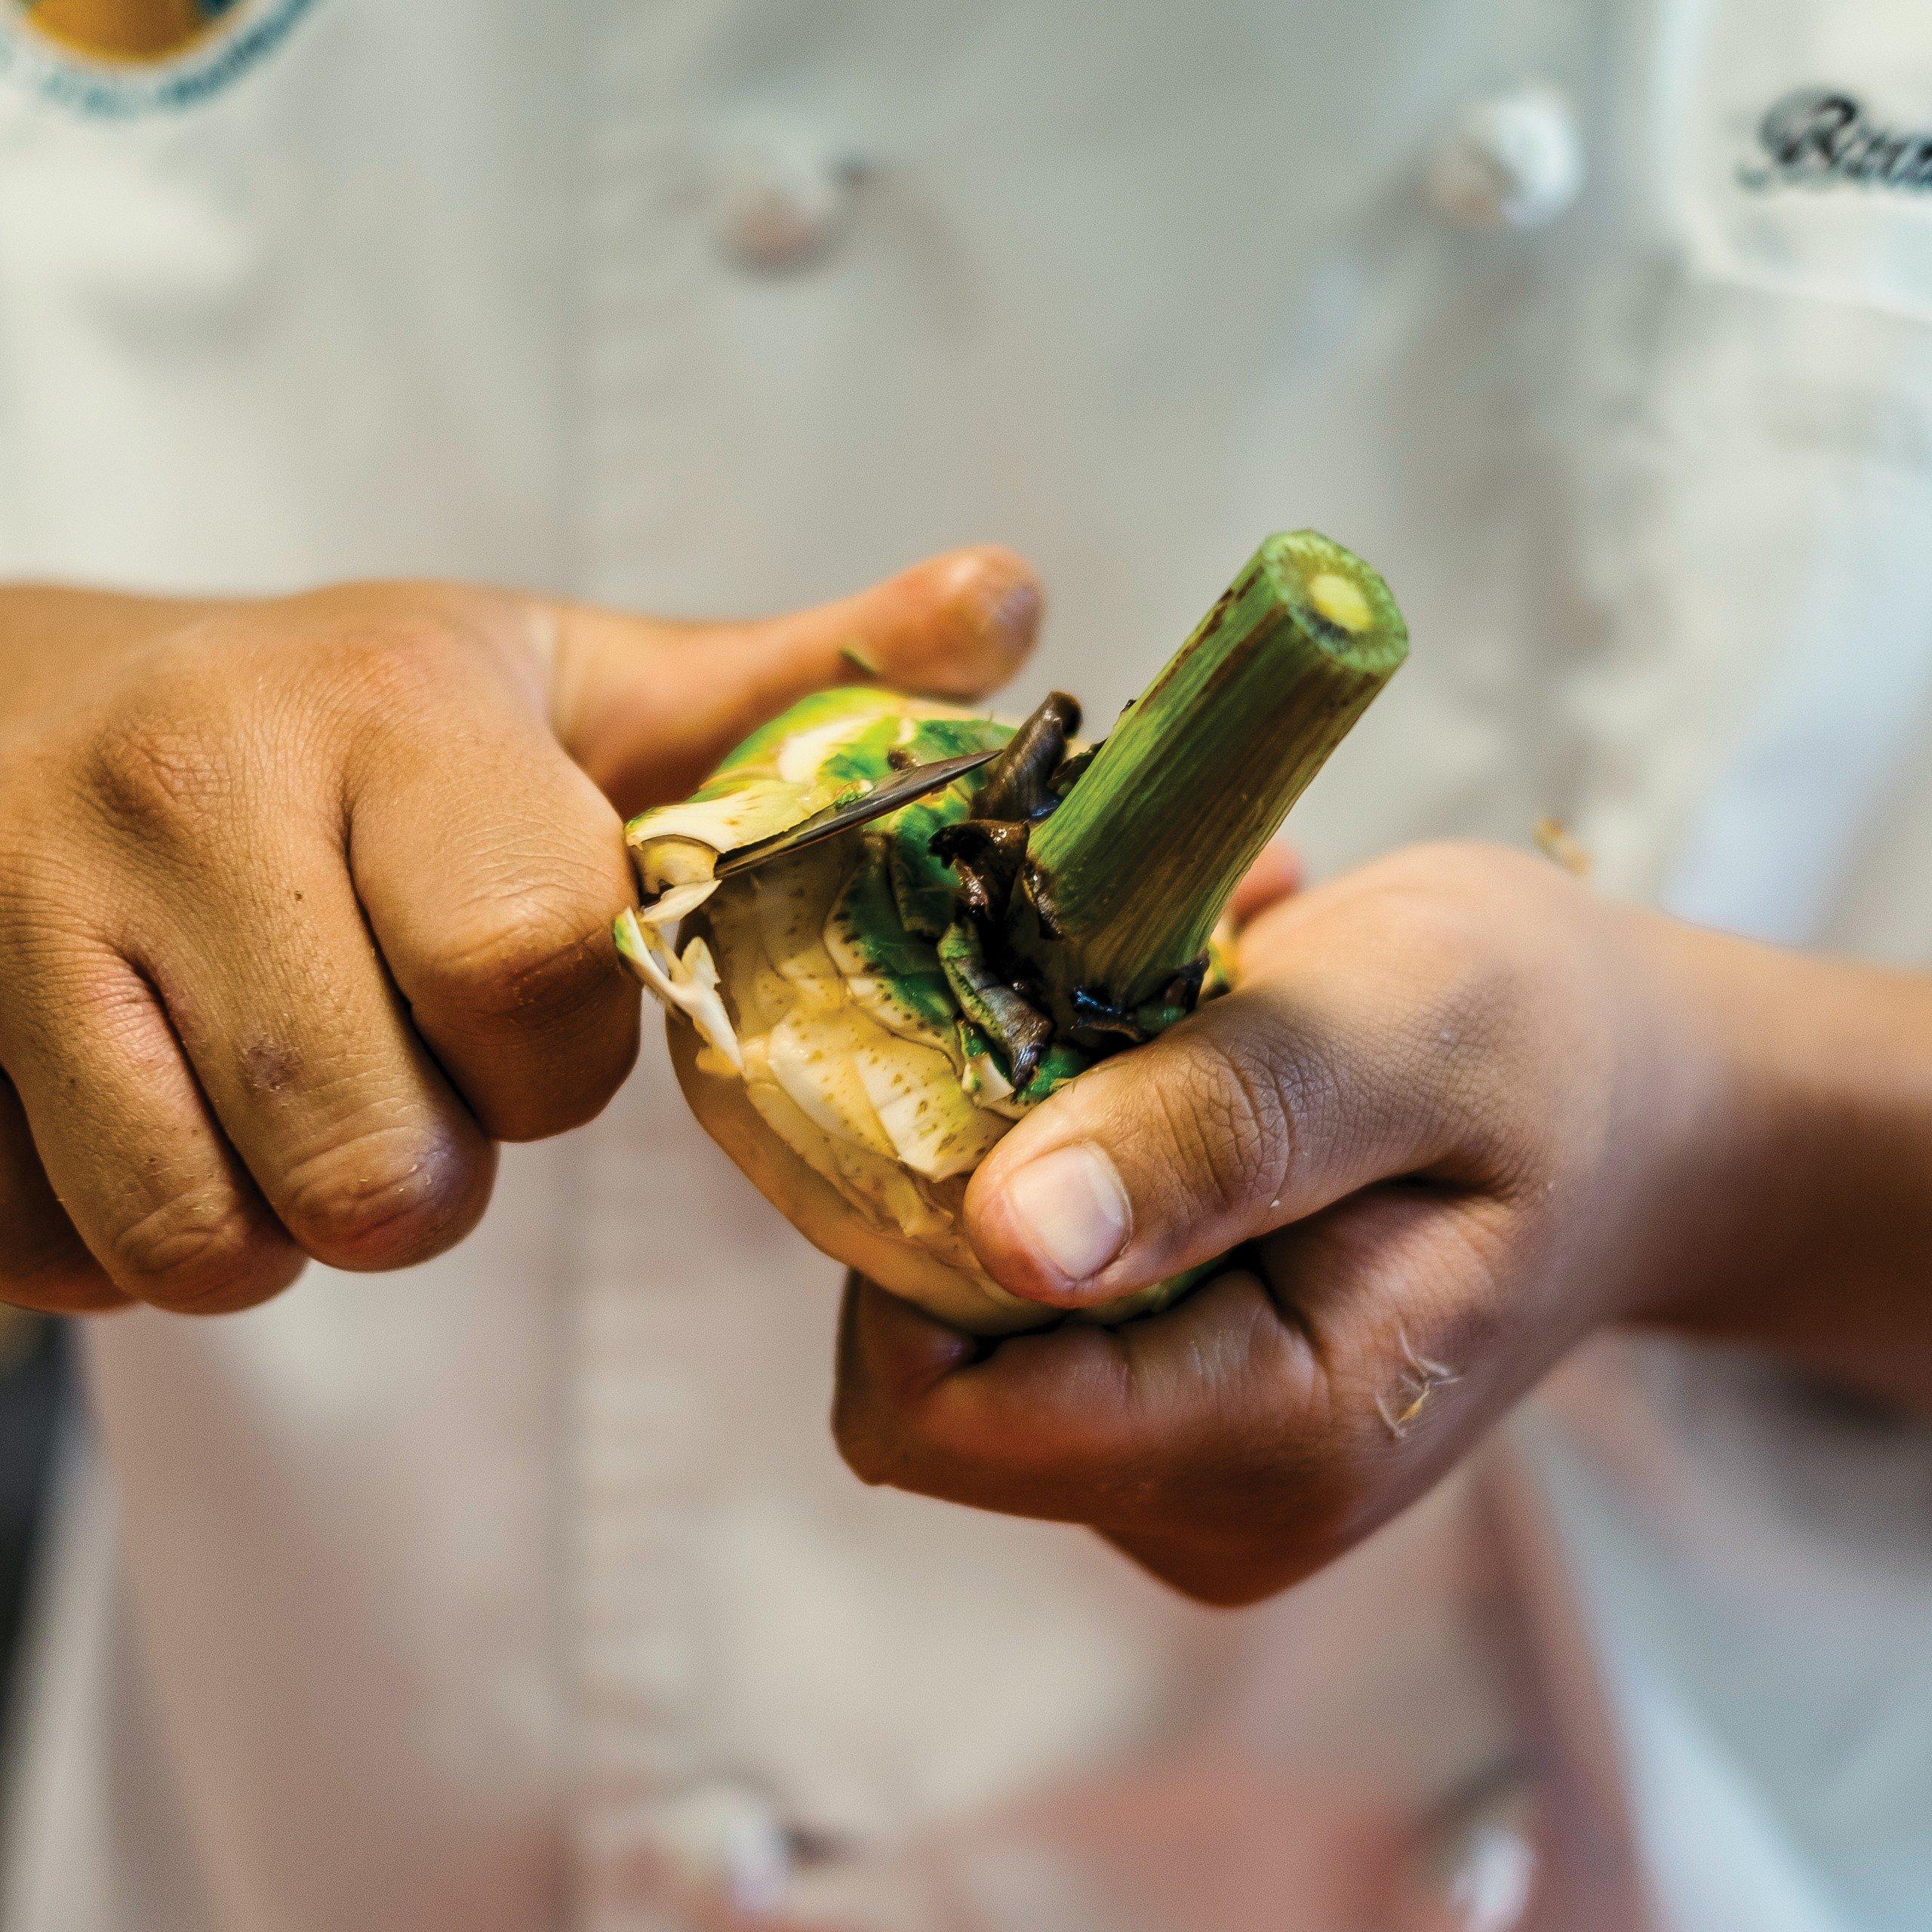 HB1710 AY KCC Culinary School 8890